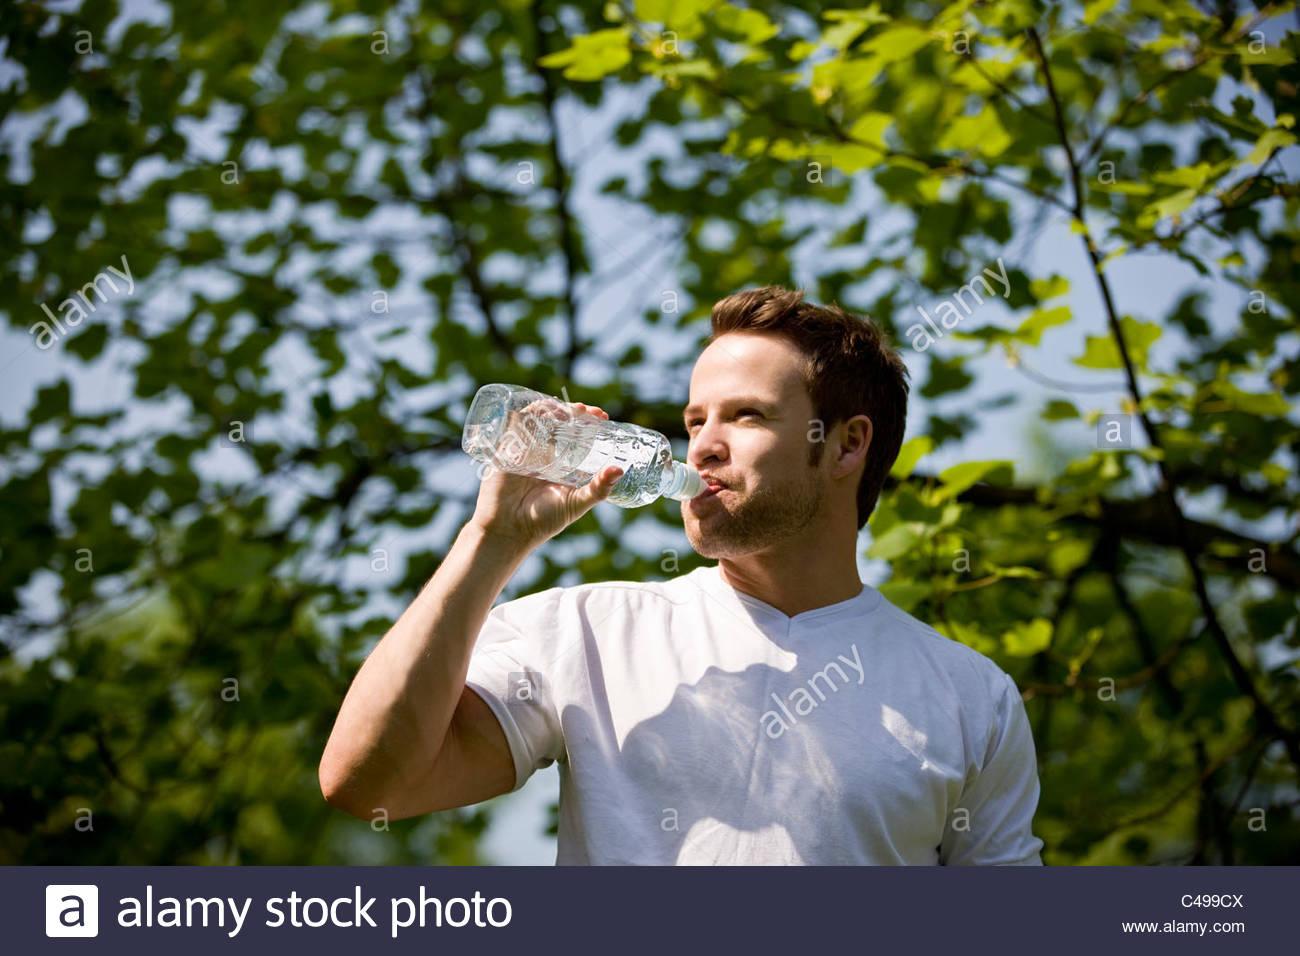 Un hombre joven, una botella de agua potable Imagen De Stock